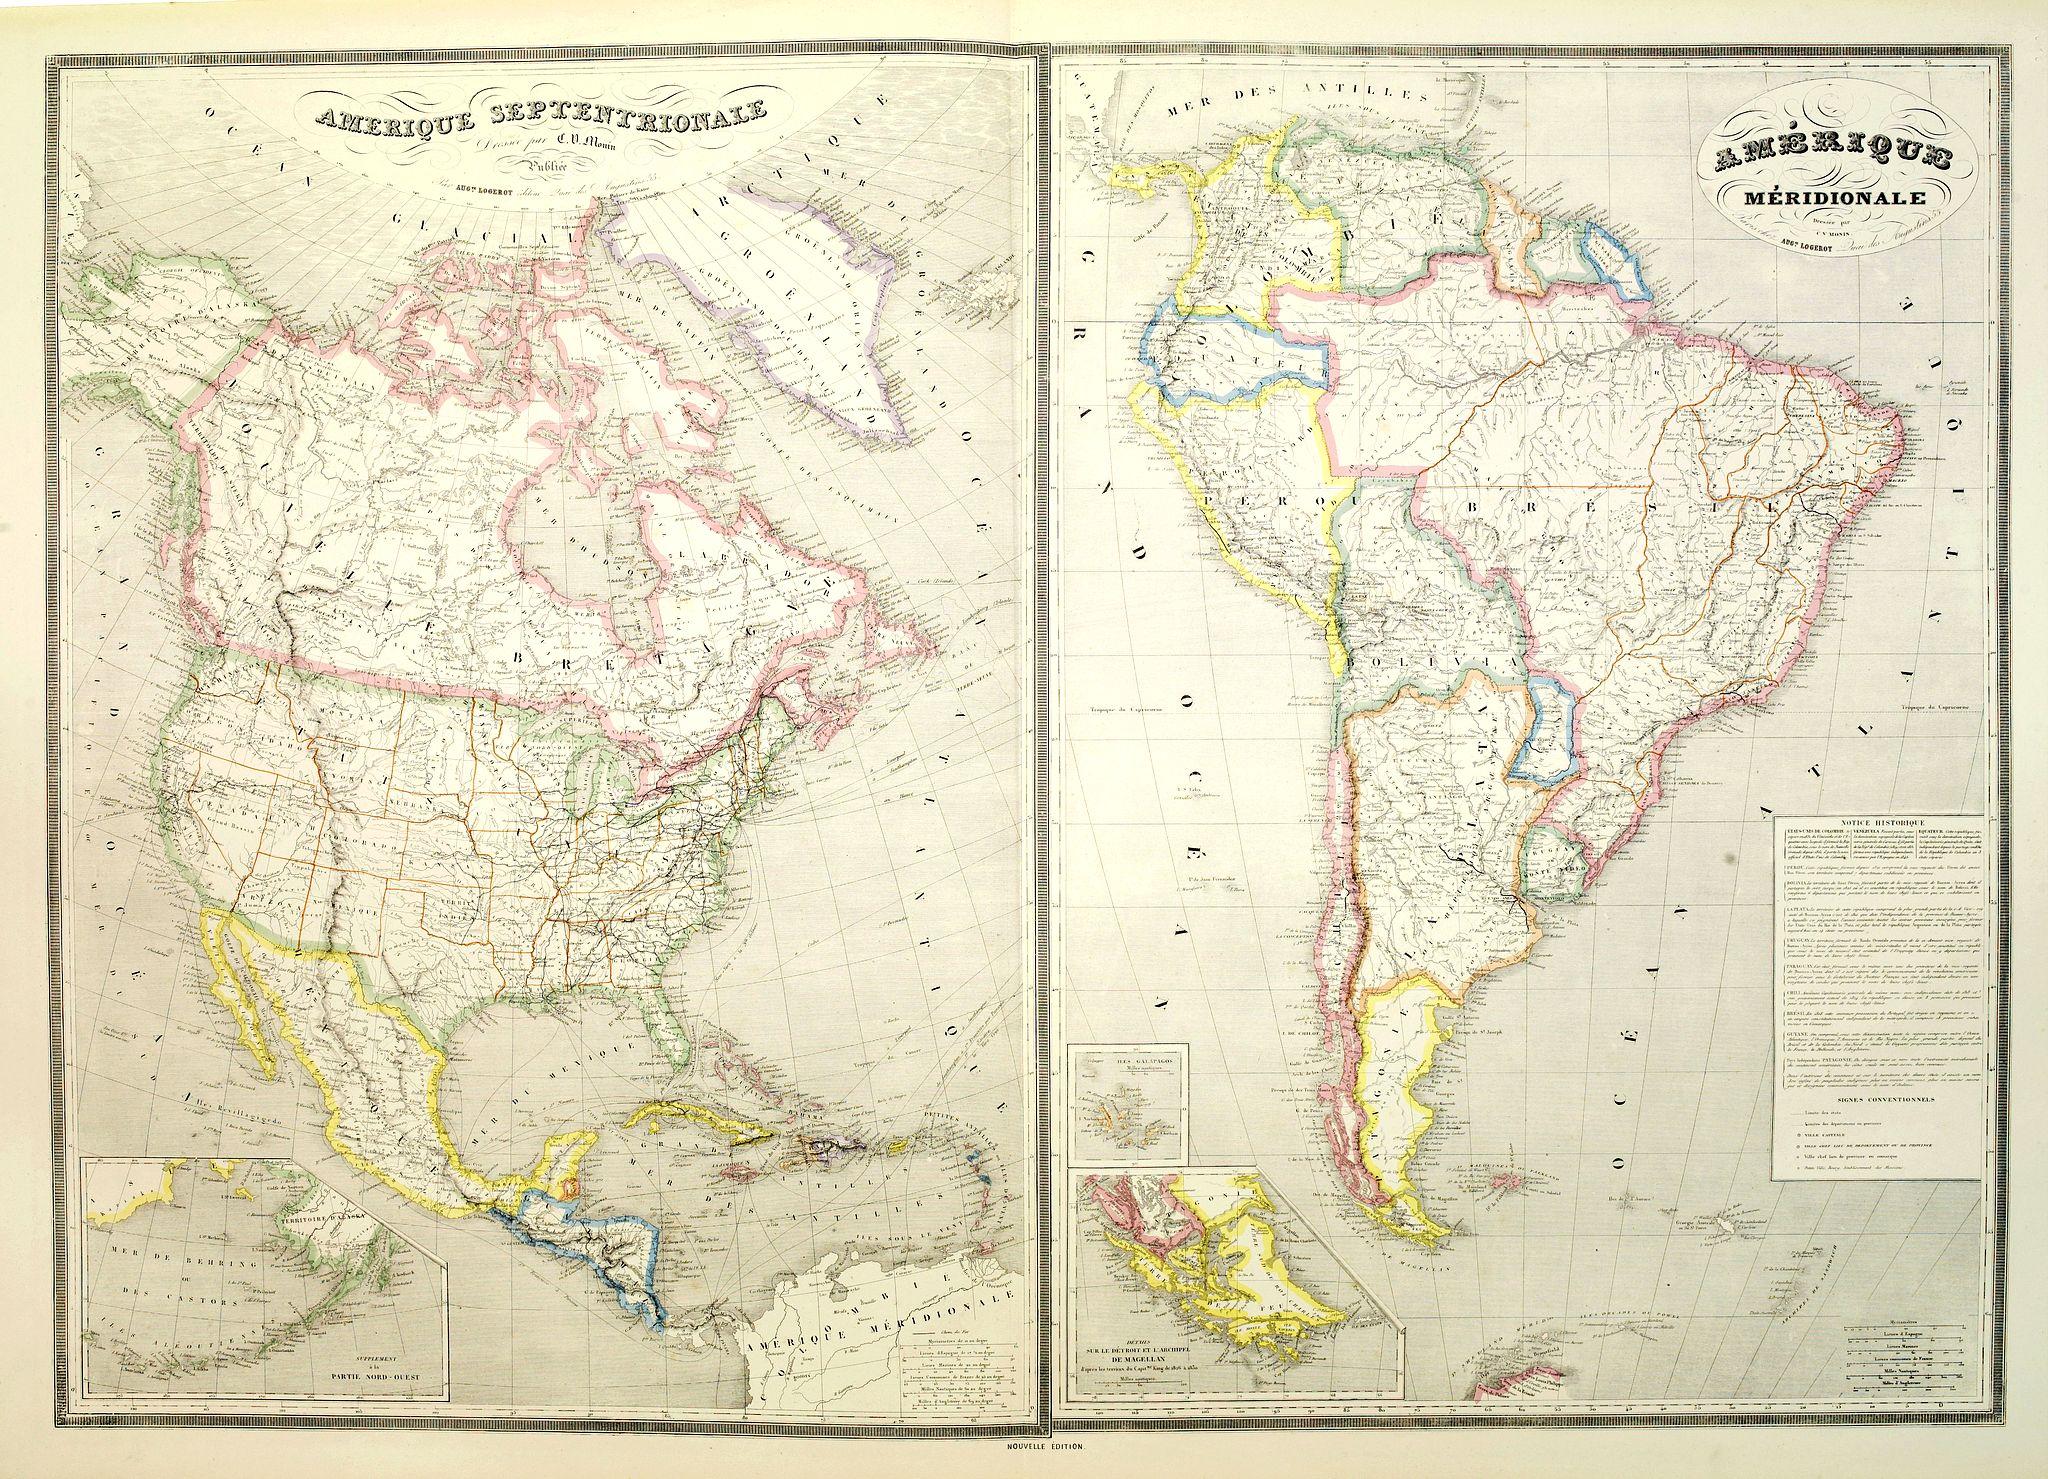 LOGEROT, A. -  Amérique septentrionale dressée par C.V. Monin. . . / Amérique méridionale. . .